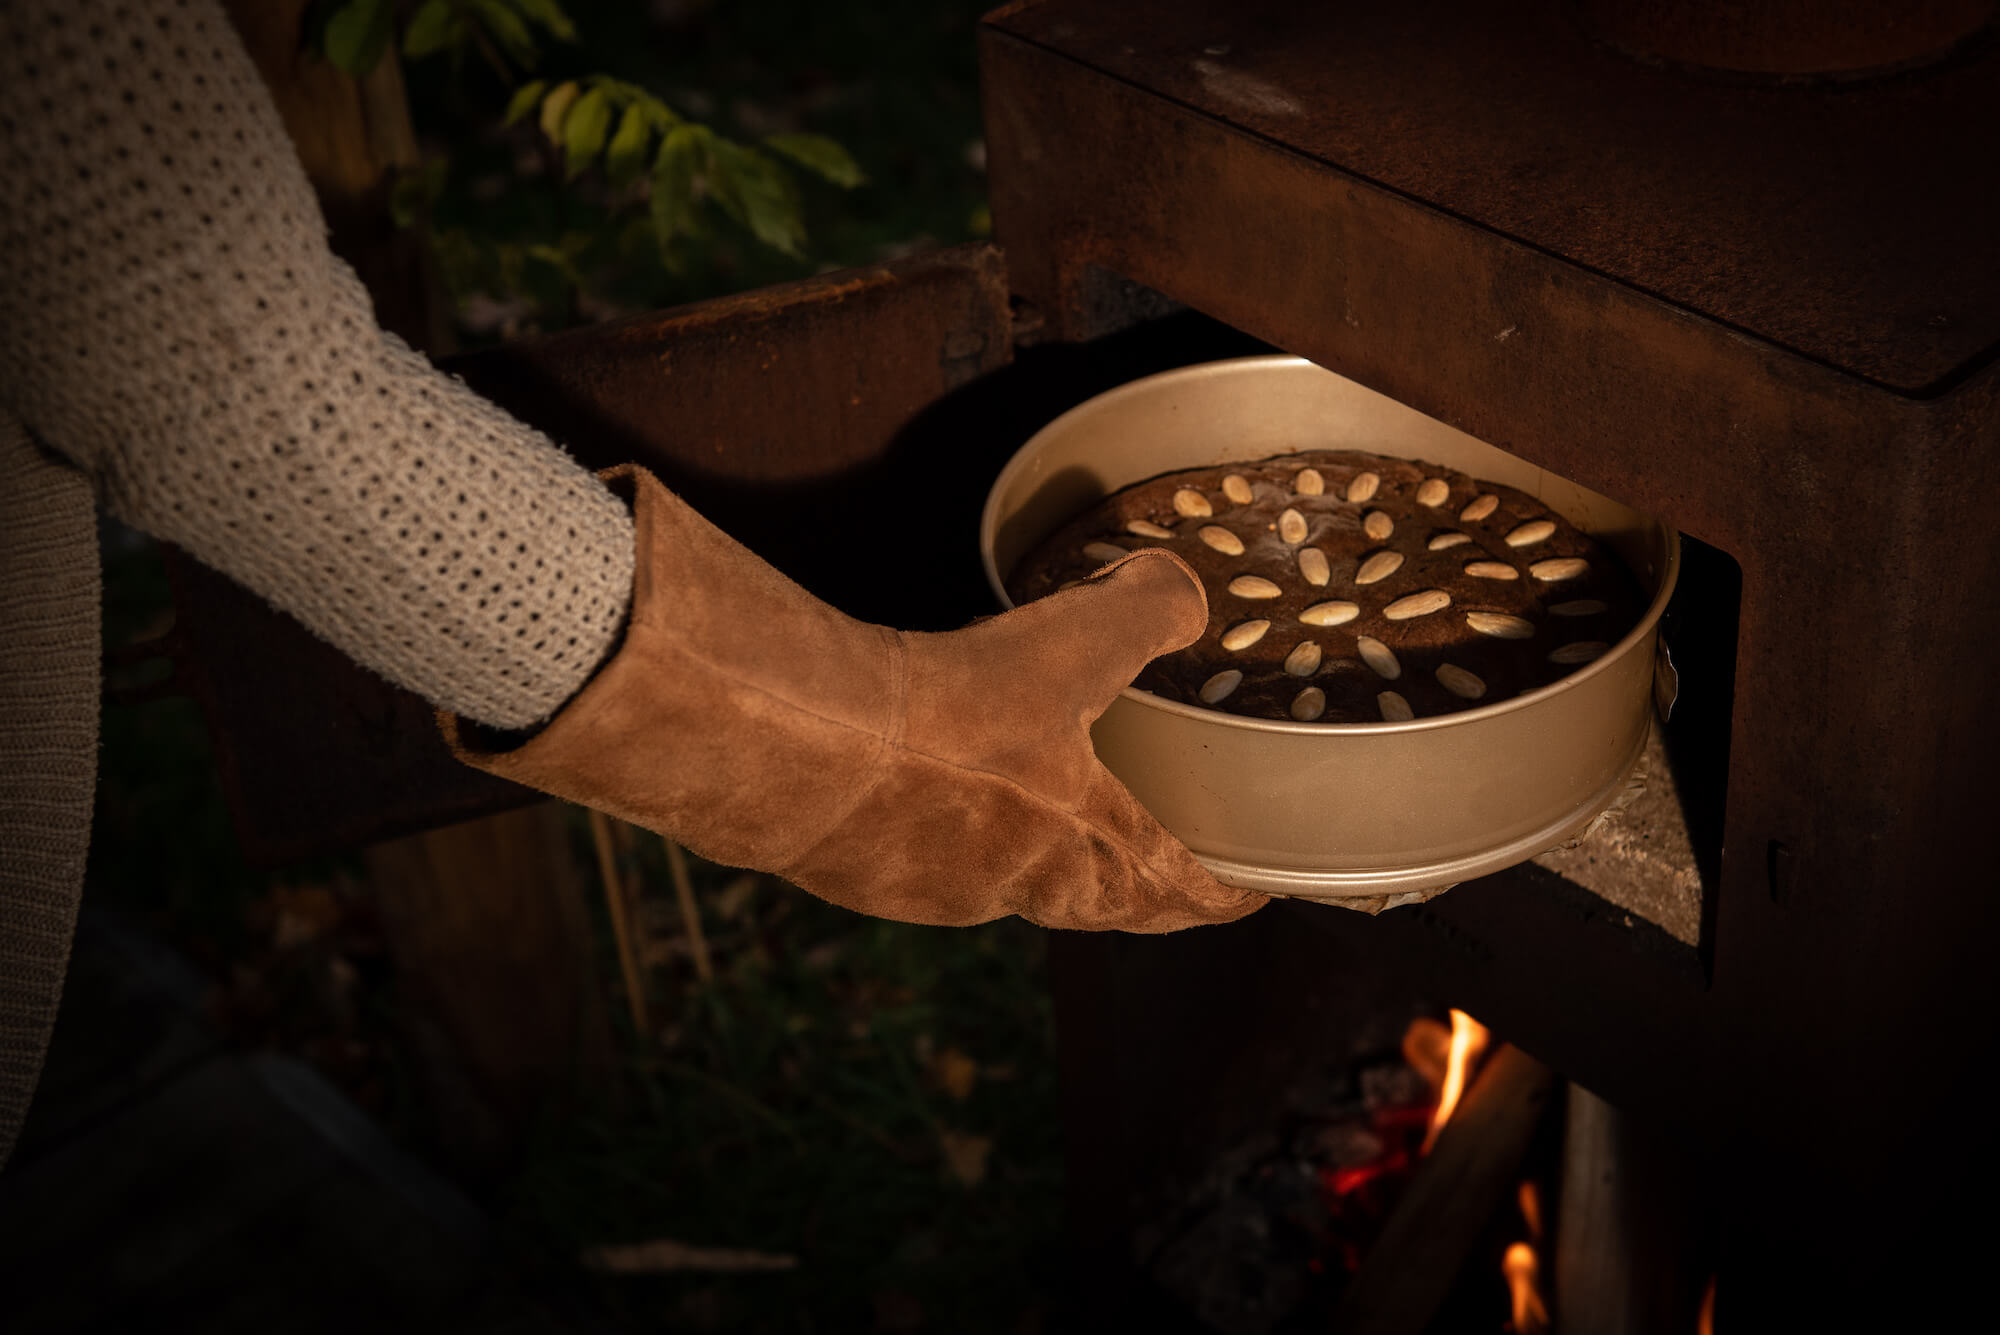 Taart in de oven buiten in de tuin